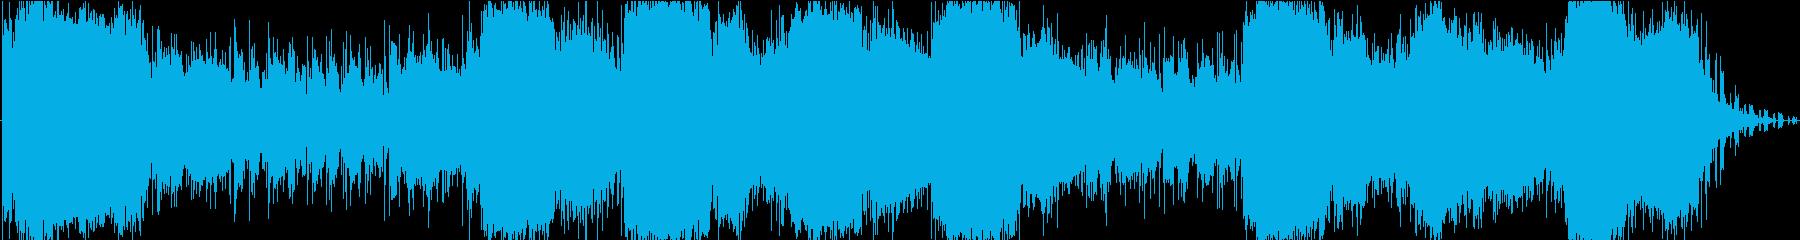 イメージ オリエンタルストリングス01の再生済みの波形